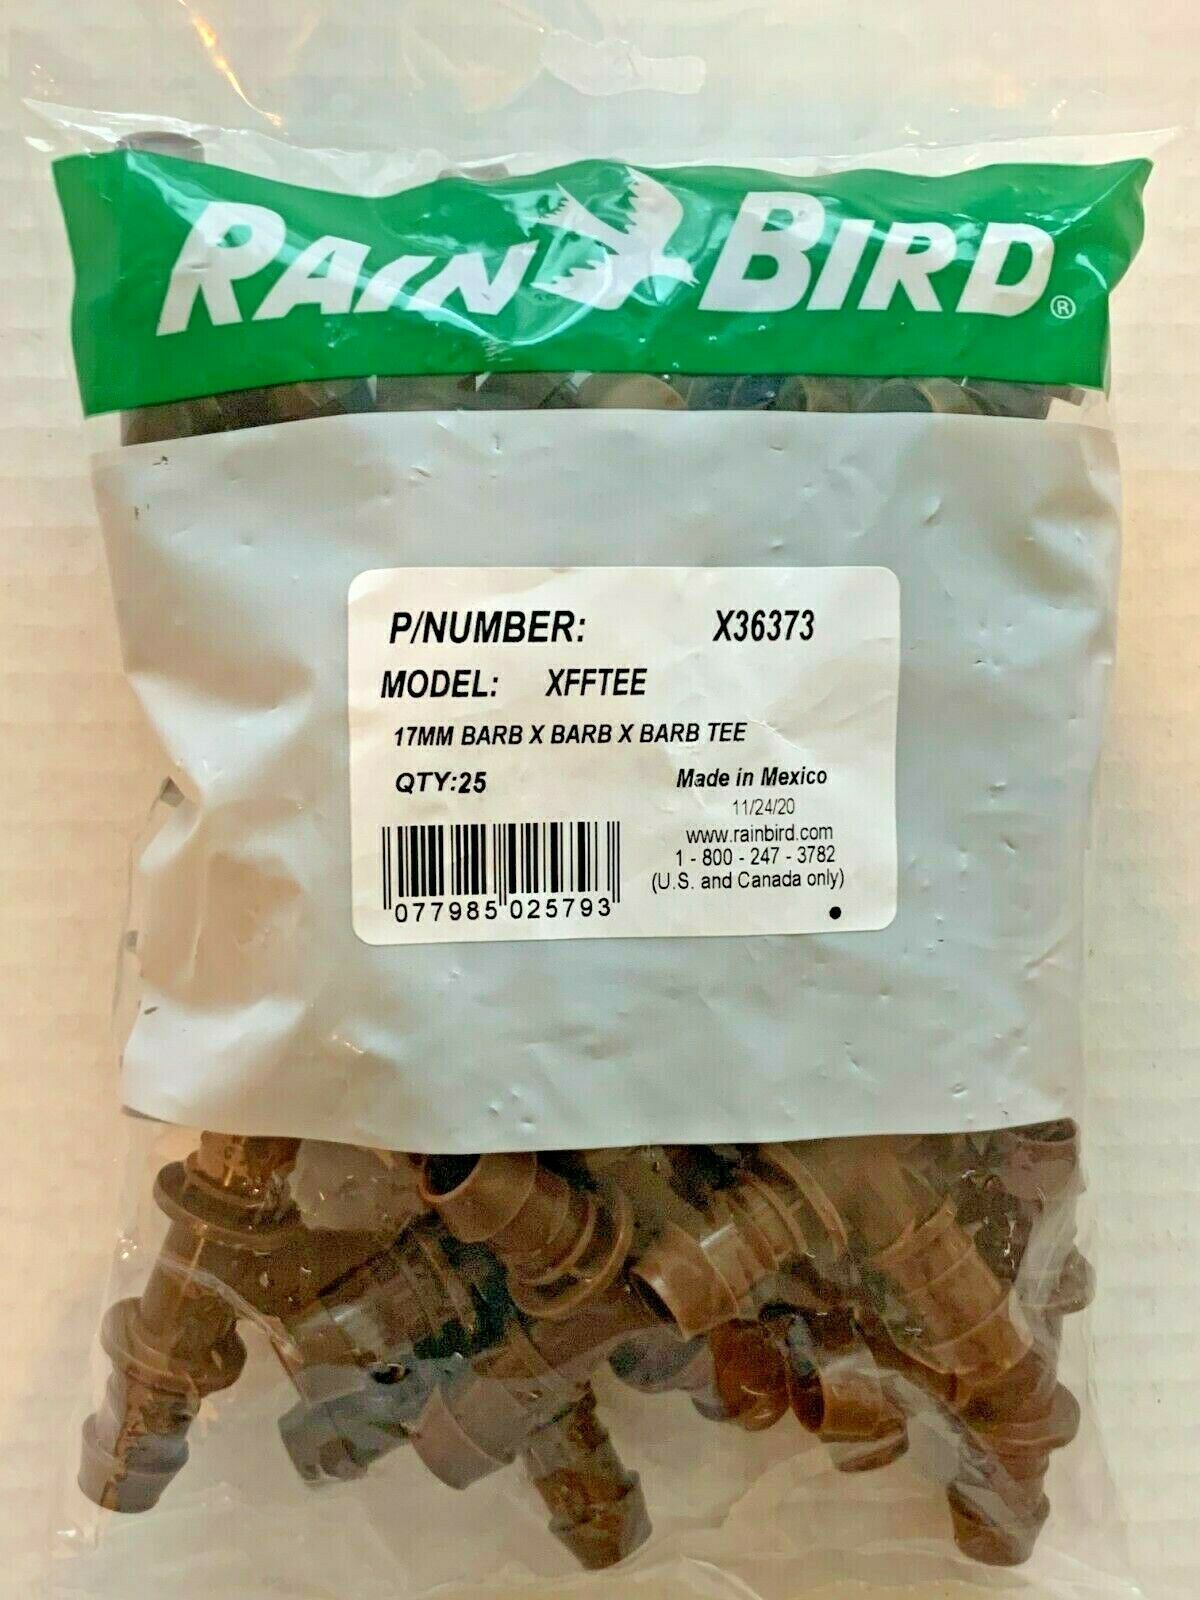 25 Rain Bird XFFTEE 17mm x 17mm Barbed Tee Dripline Adapter Fittings Drip X36373